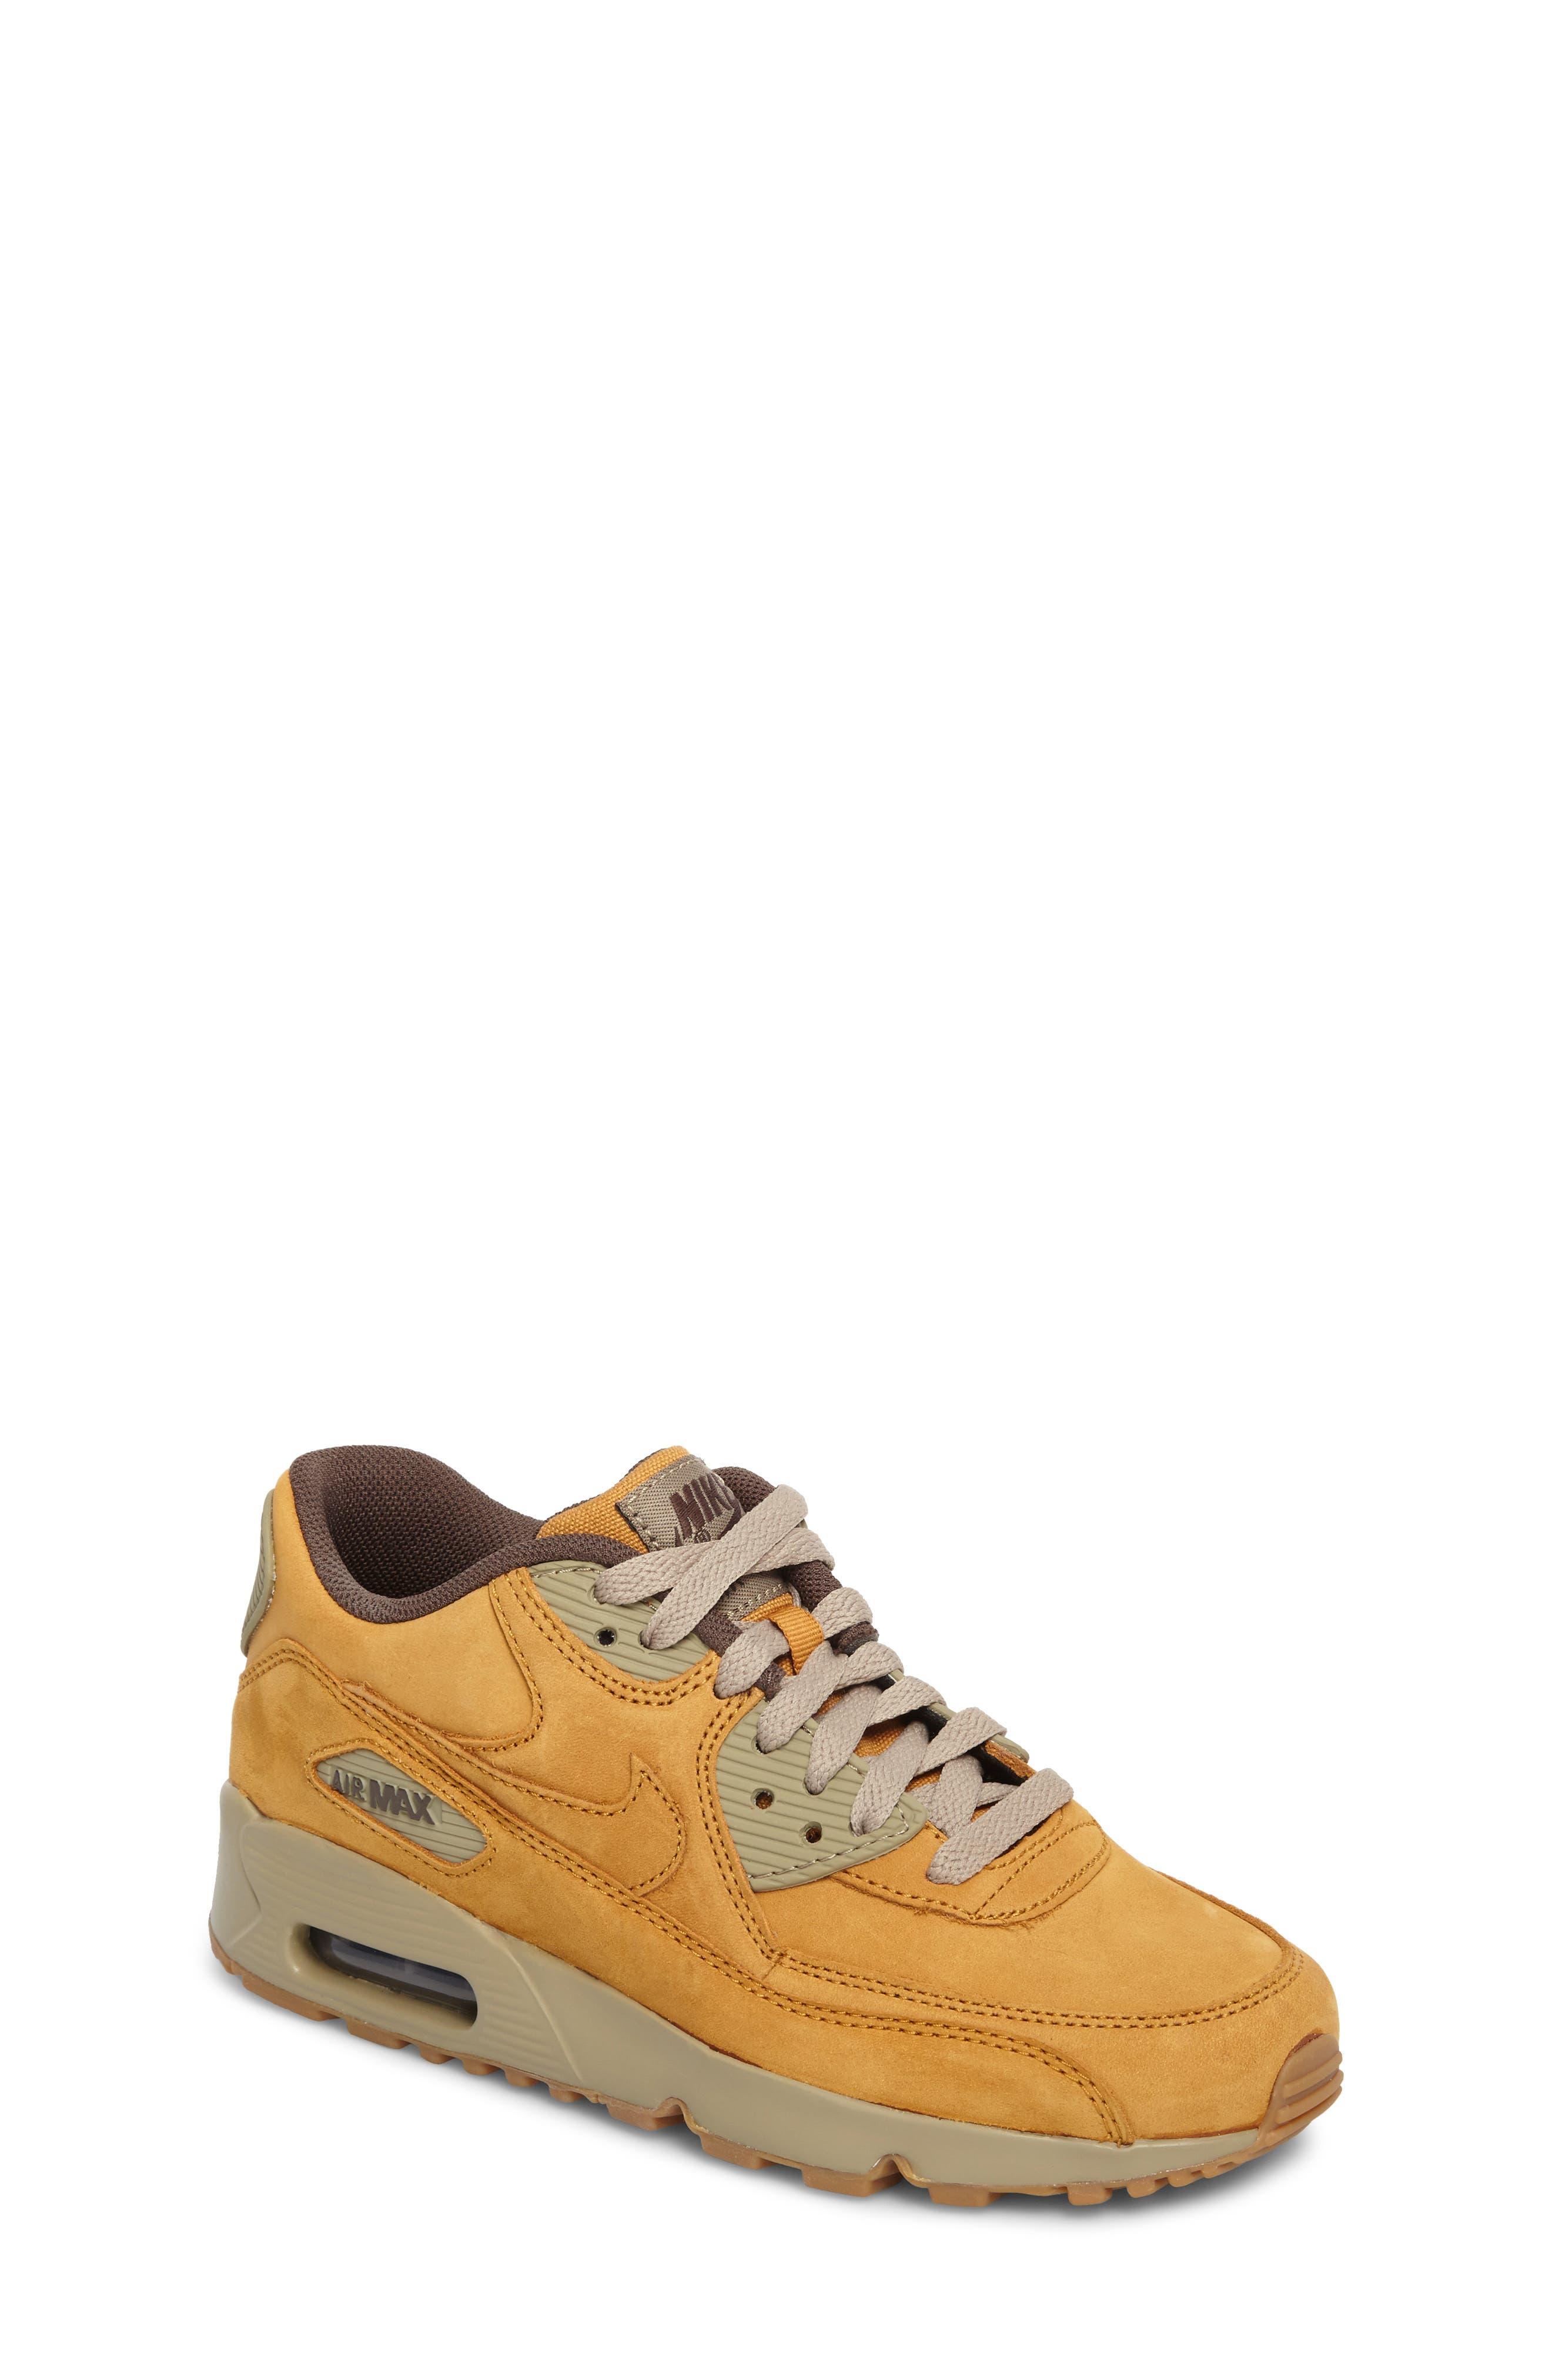 Air Max 90 Winter Premium Sneaker,                             Main thumbnail 1, color,                             BRONZE